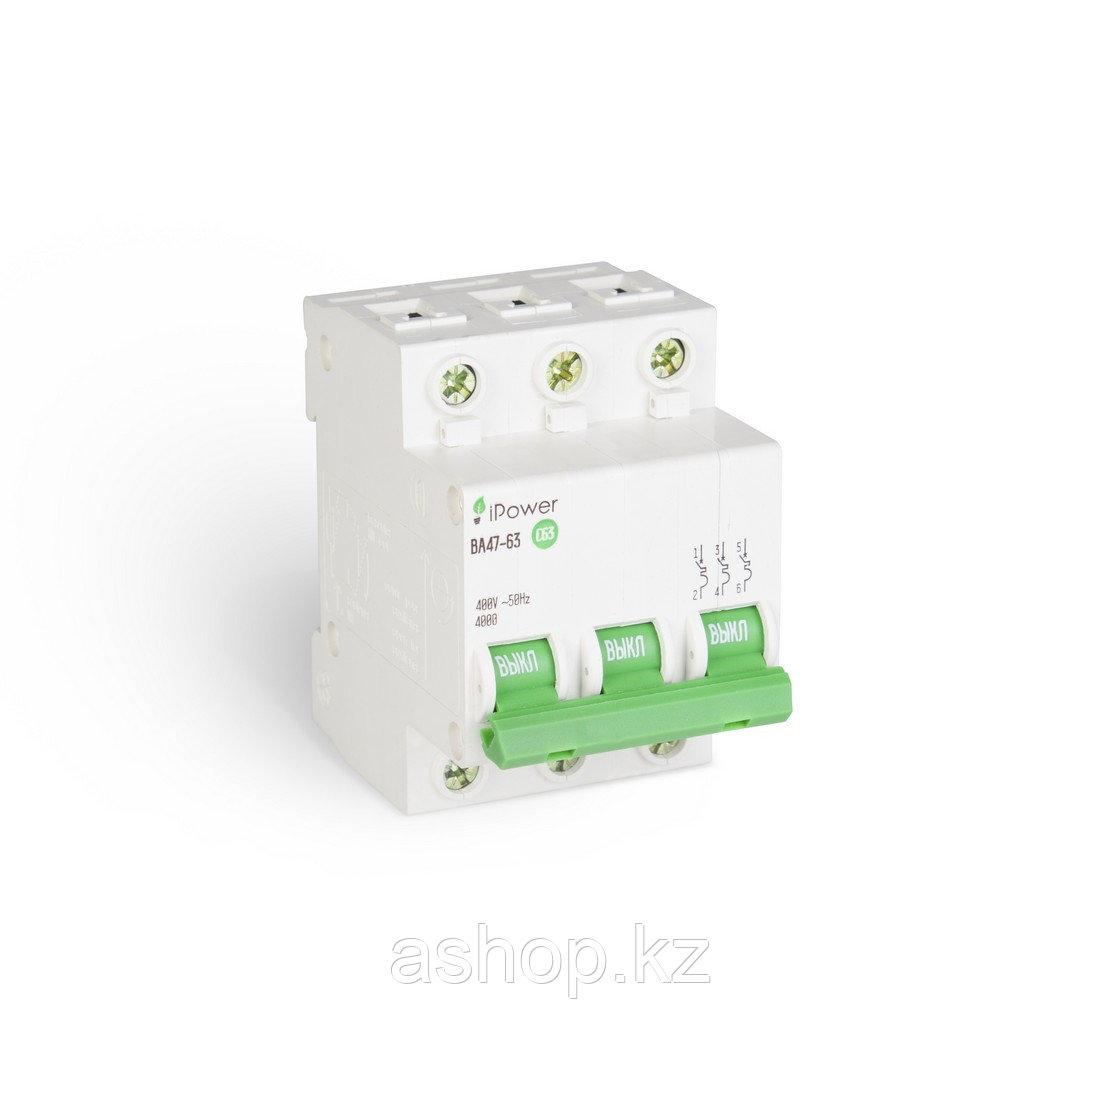 Автоматический выключатель реечный iPower ВА47-63 3P 25А, 230/400 В, Кол-во полюсов: 3, Предел отключения: 4,5